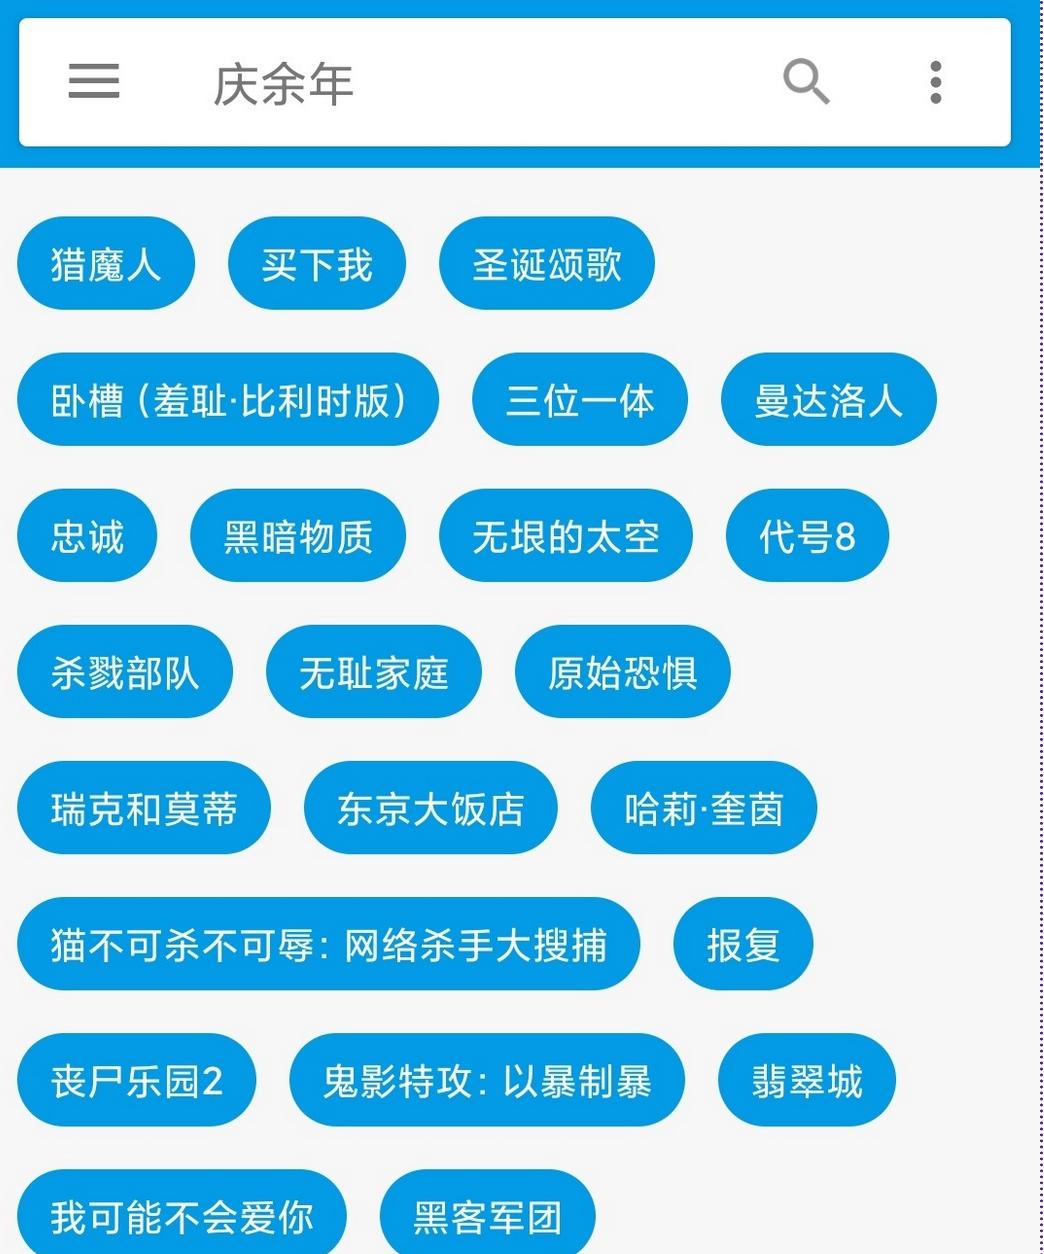 神奇磁力搜索v1.1.5 去广告清爽_直装破解版_磁力搜索神器